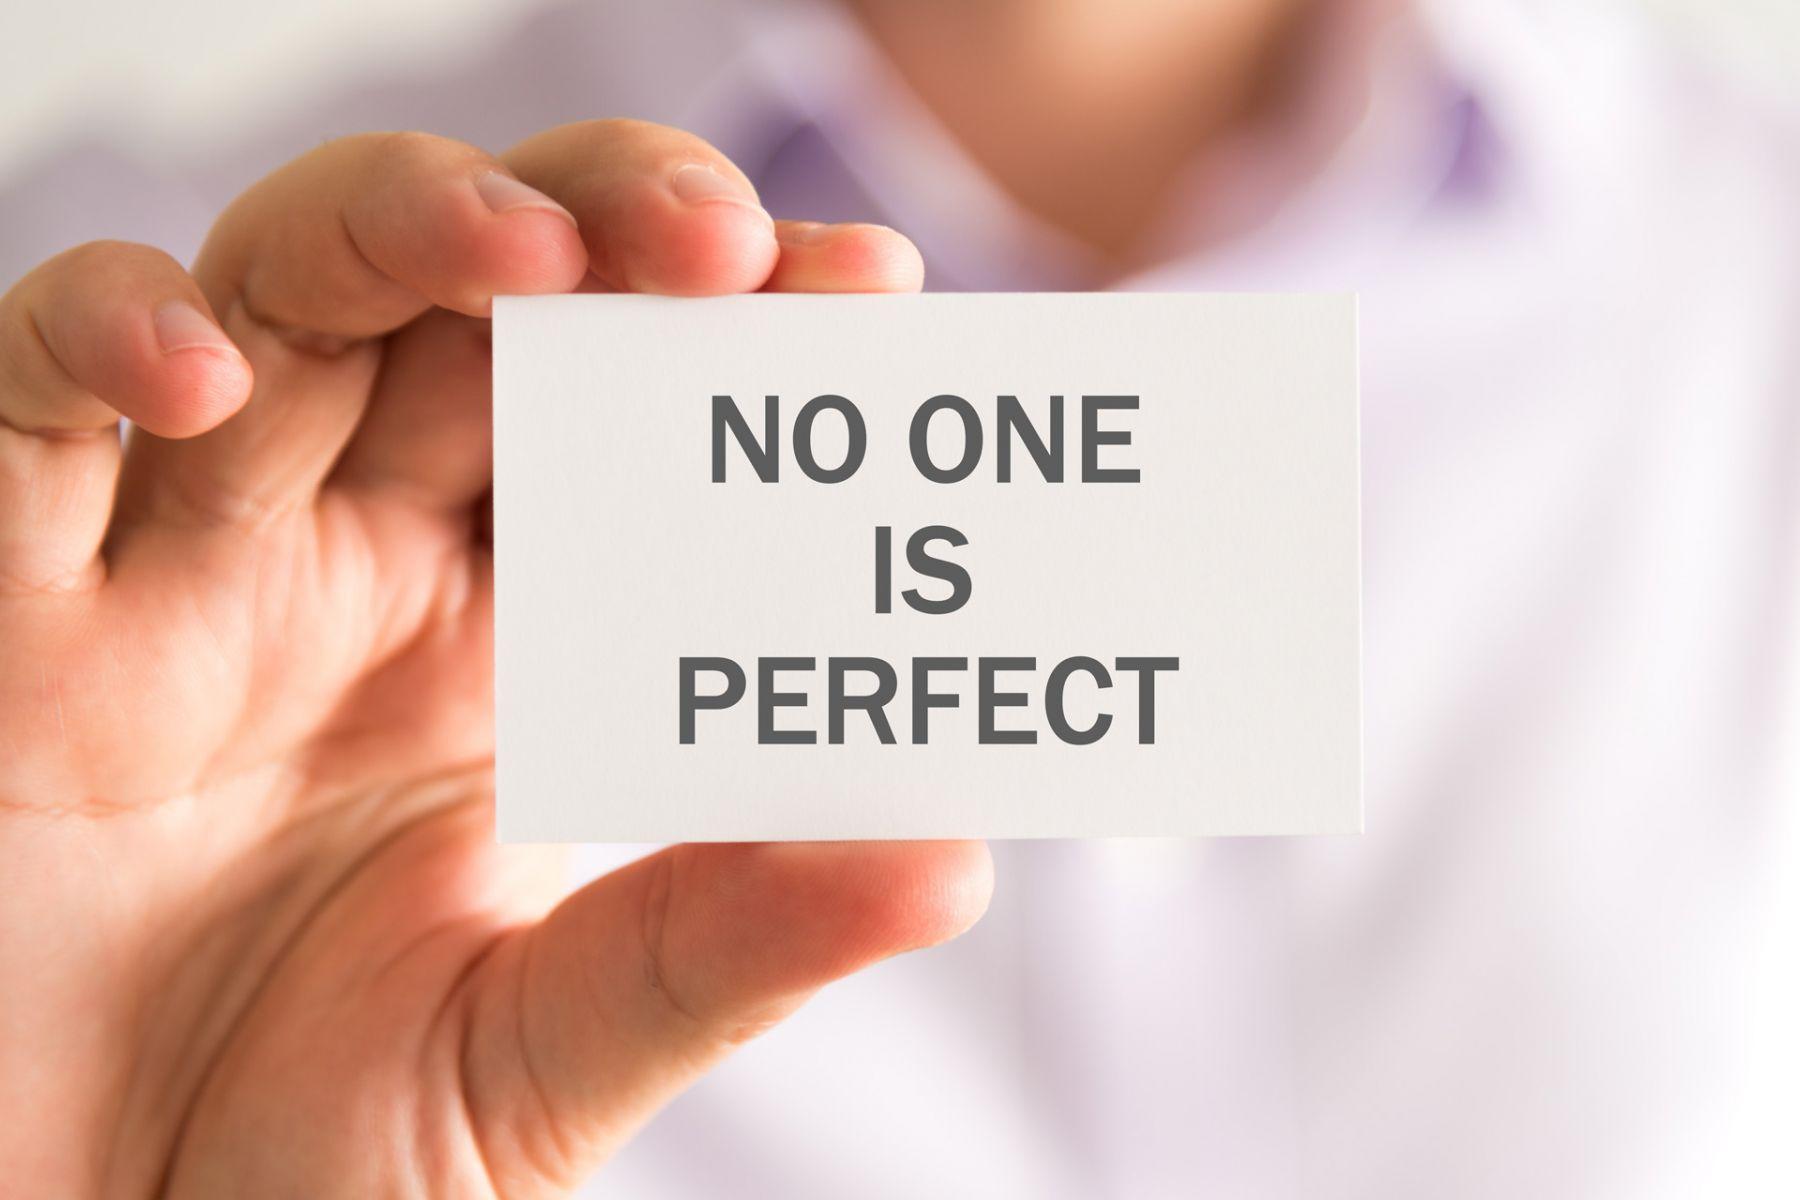 美國《紐約時報》暢銷作家:重要的不是完美,而是完成